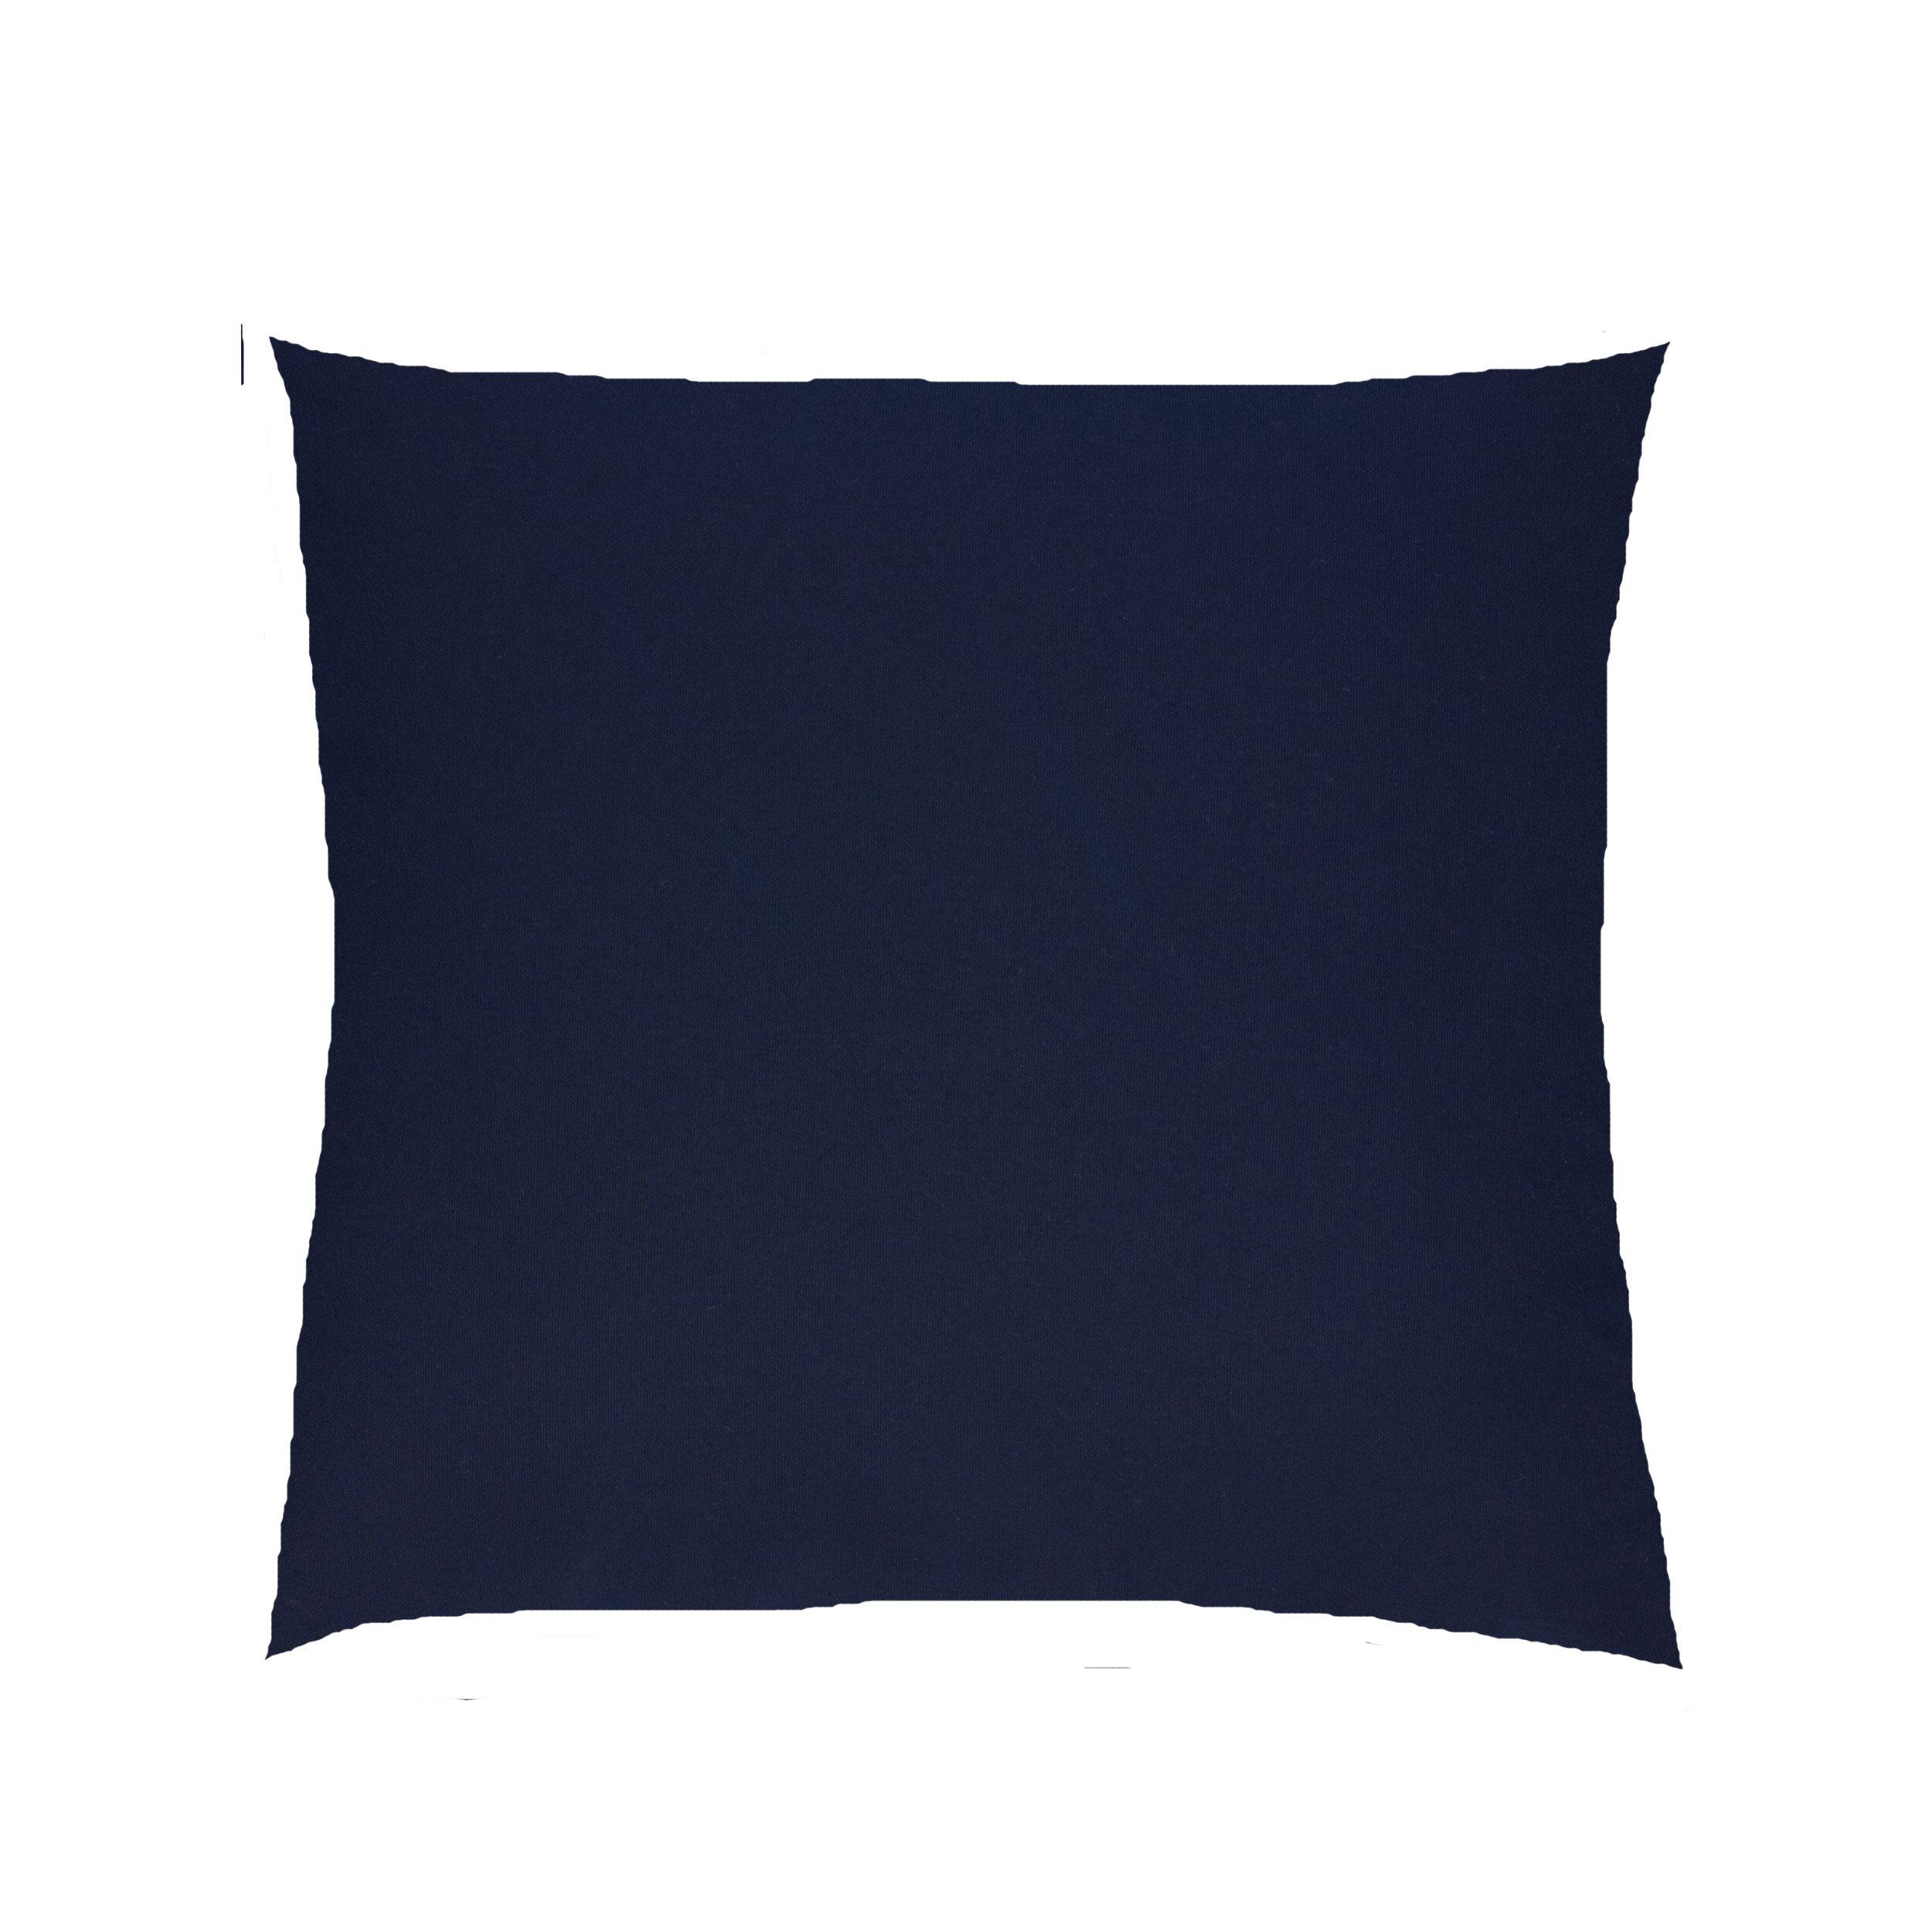 Darby Home Co Dover Indoor/Outdoor Knife Edge Sunbrella Throw Pillow & Reviews Wayfair